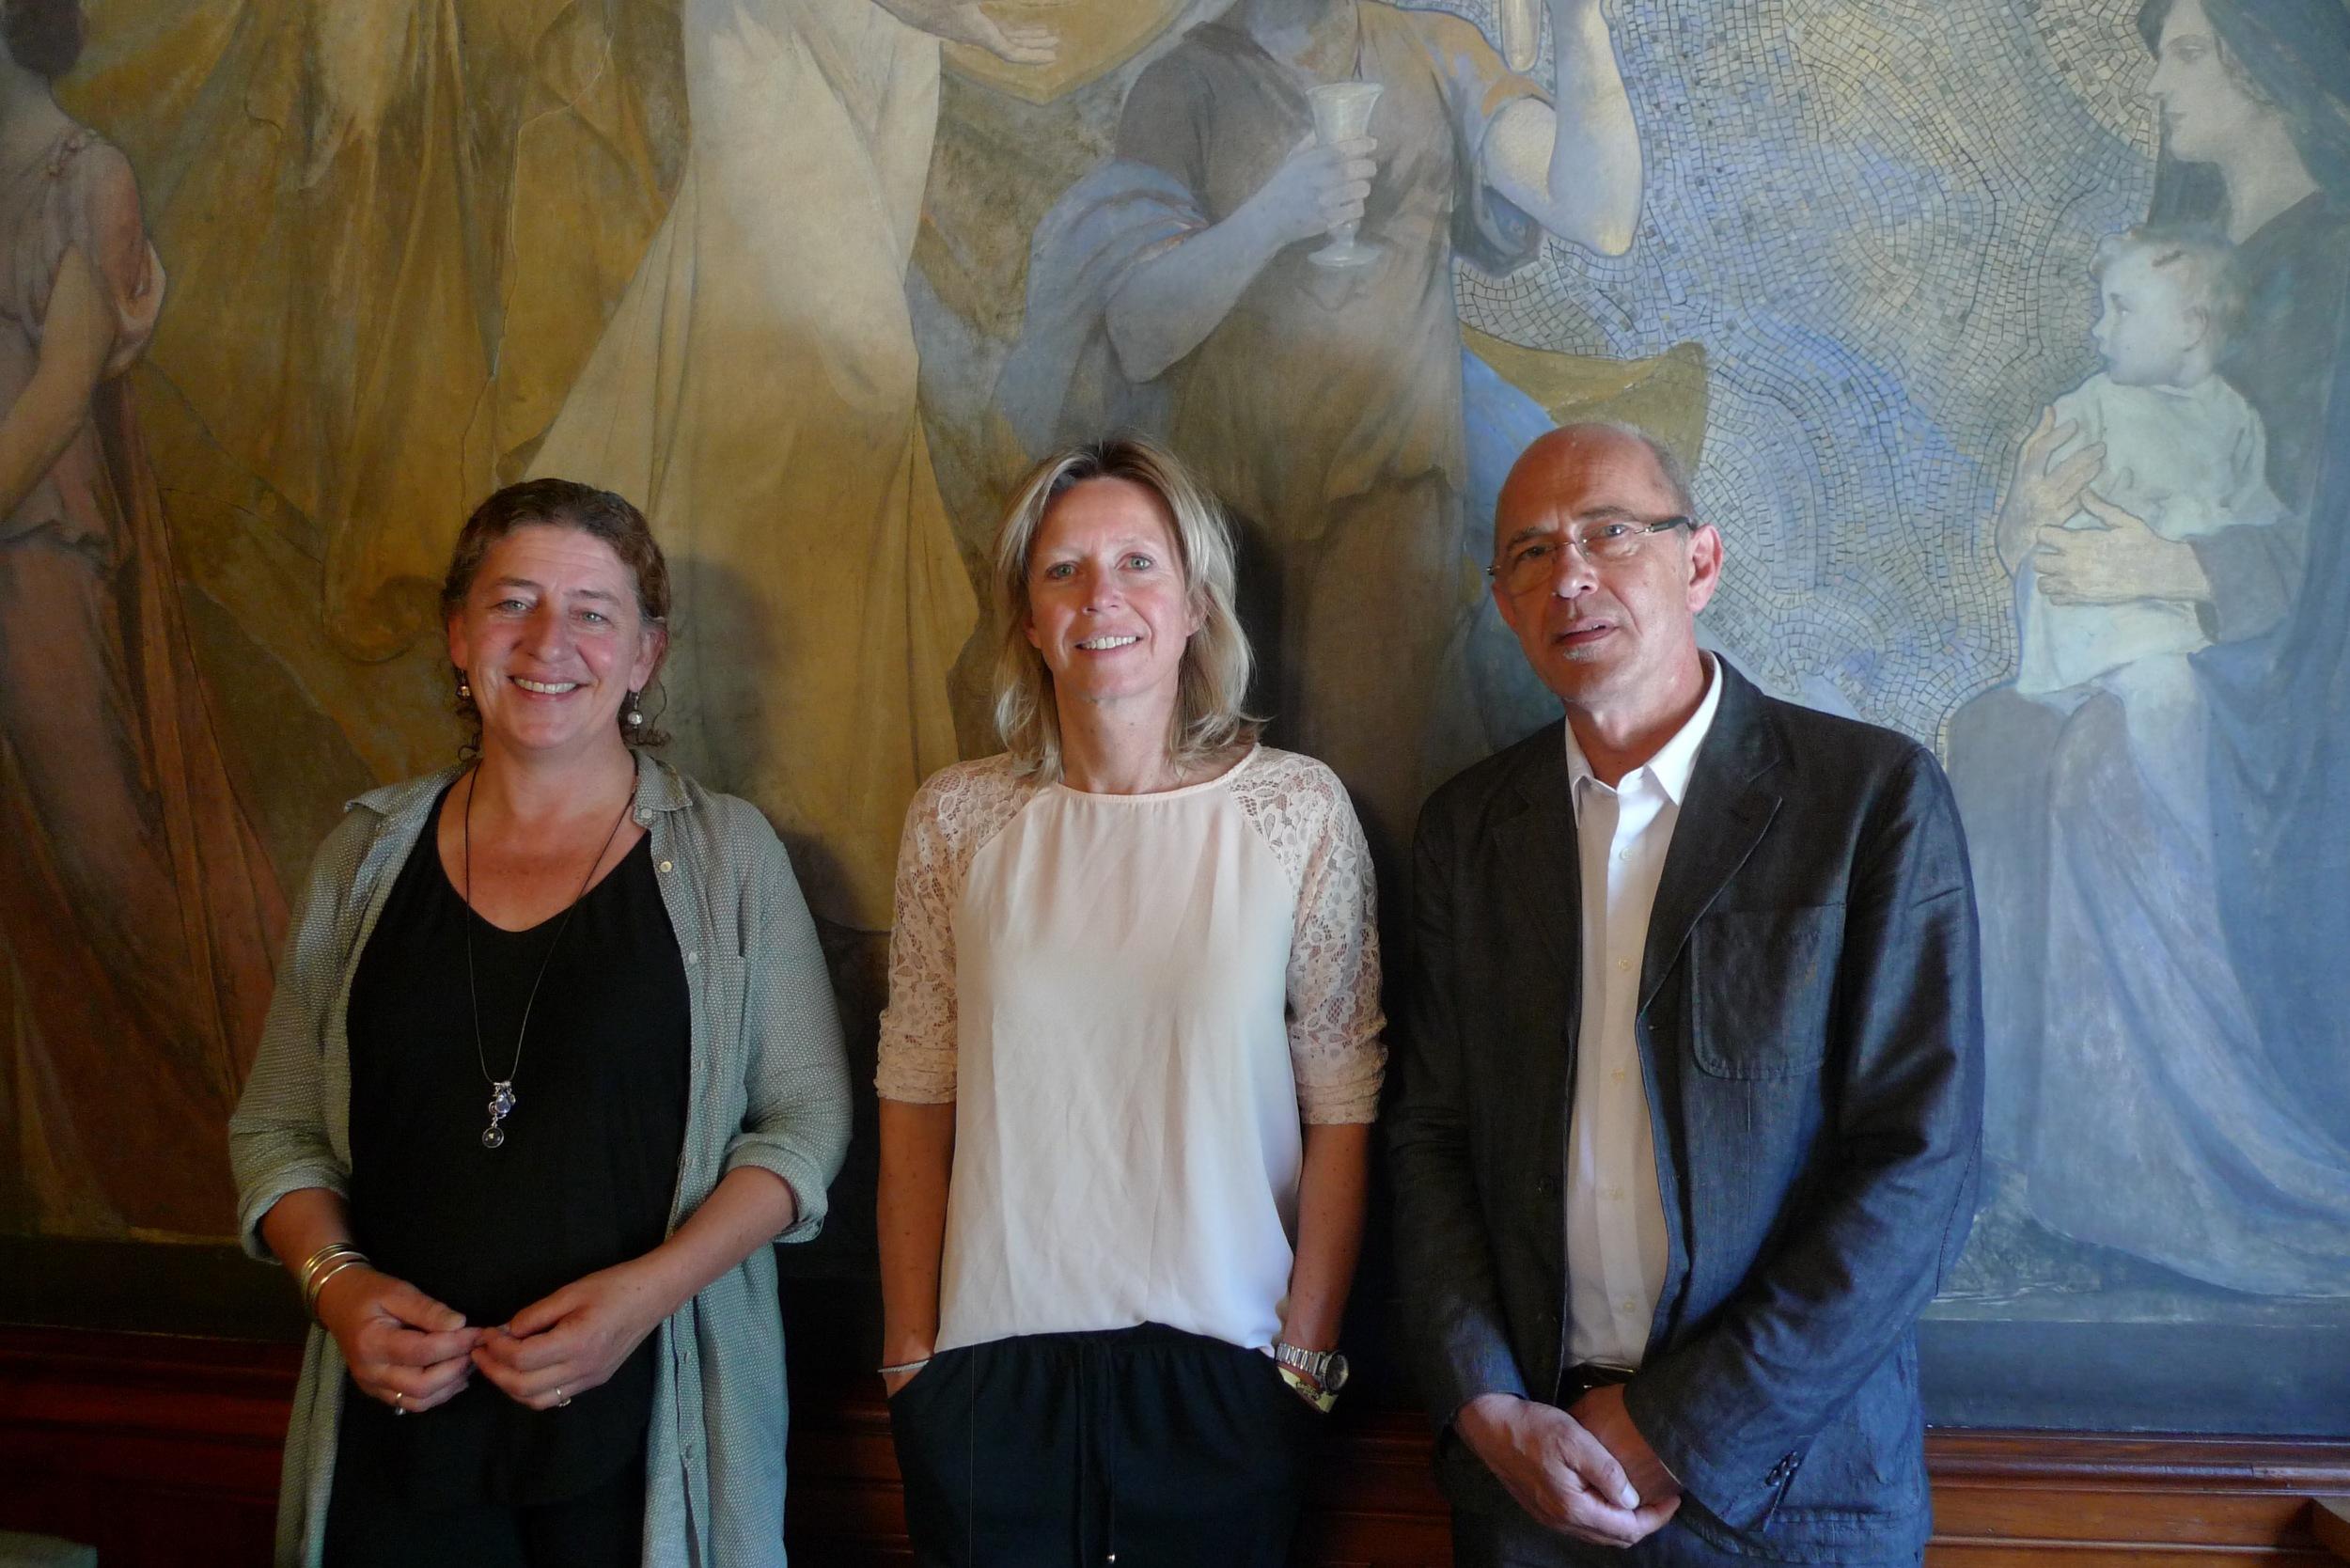 vlnr: Fleur Kuypers (bestuurslid BD), Kajsa Ollongren (Wethouder Gemeente Amsterdam), Wilco Tuinebreijer, (psychiater GGD Amsterdam en bestuursvoorzitter BD)